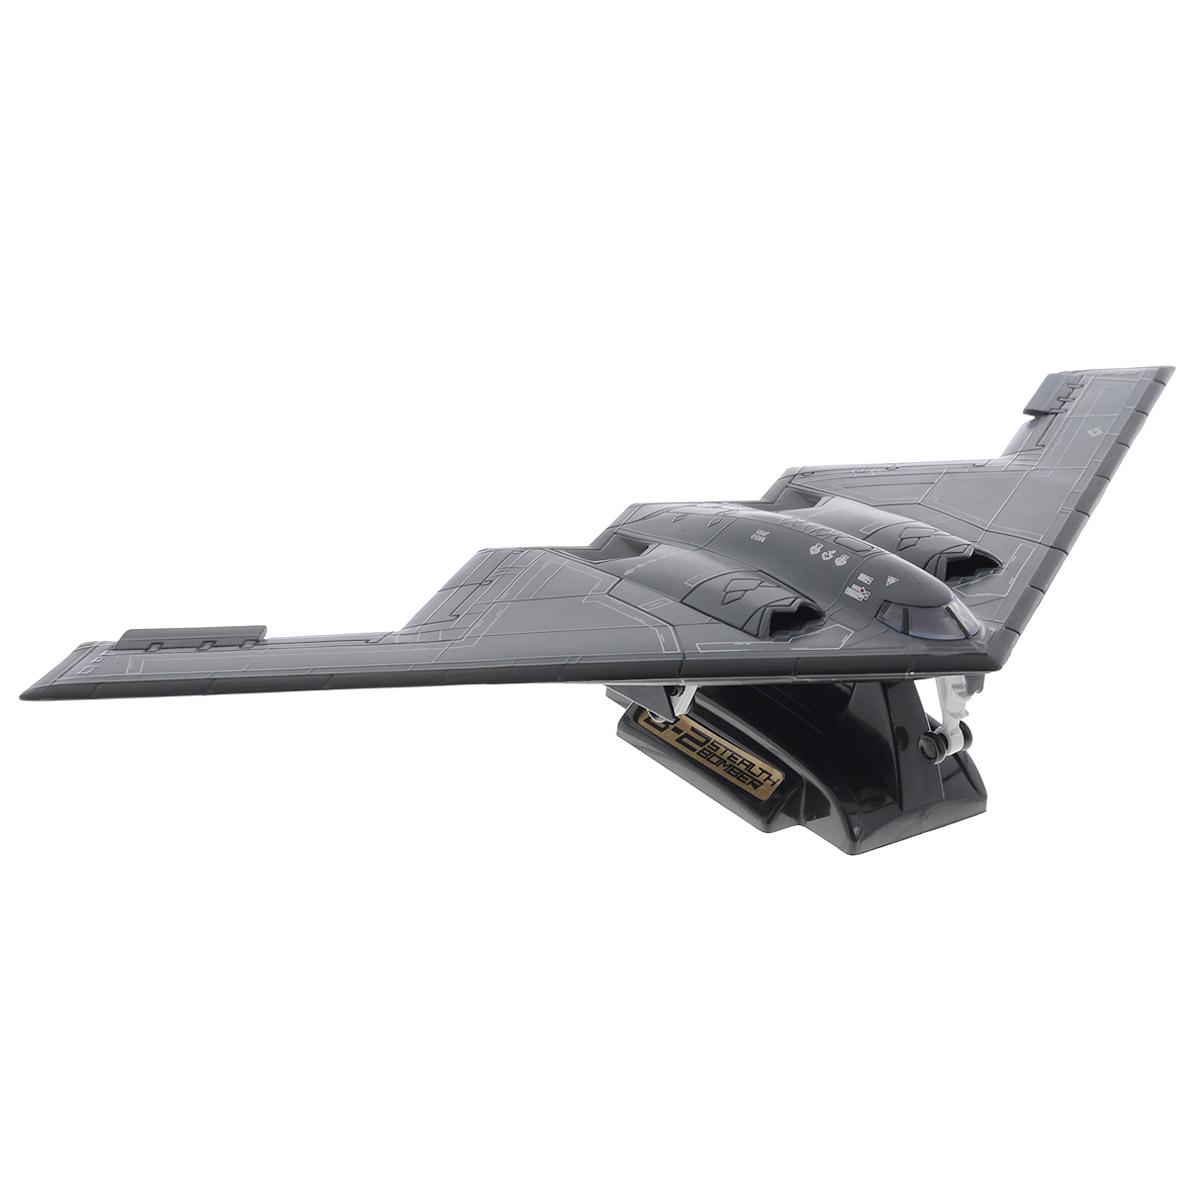 MotorMax Самолет Northrop Grumman B-2 Spirit тд ная фрегат кс 9м ноче экко